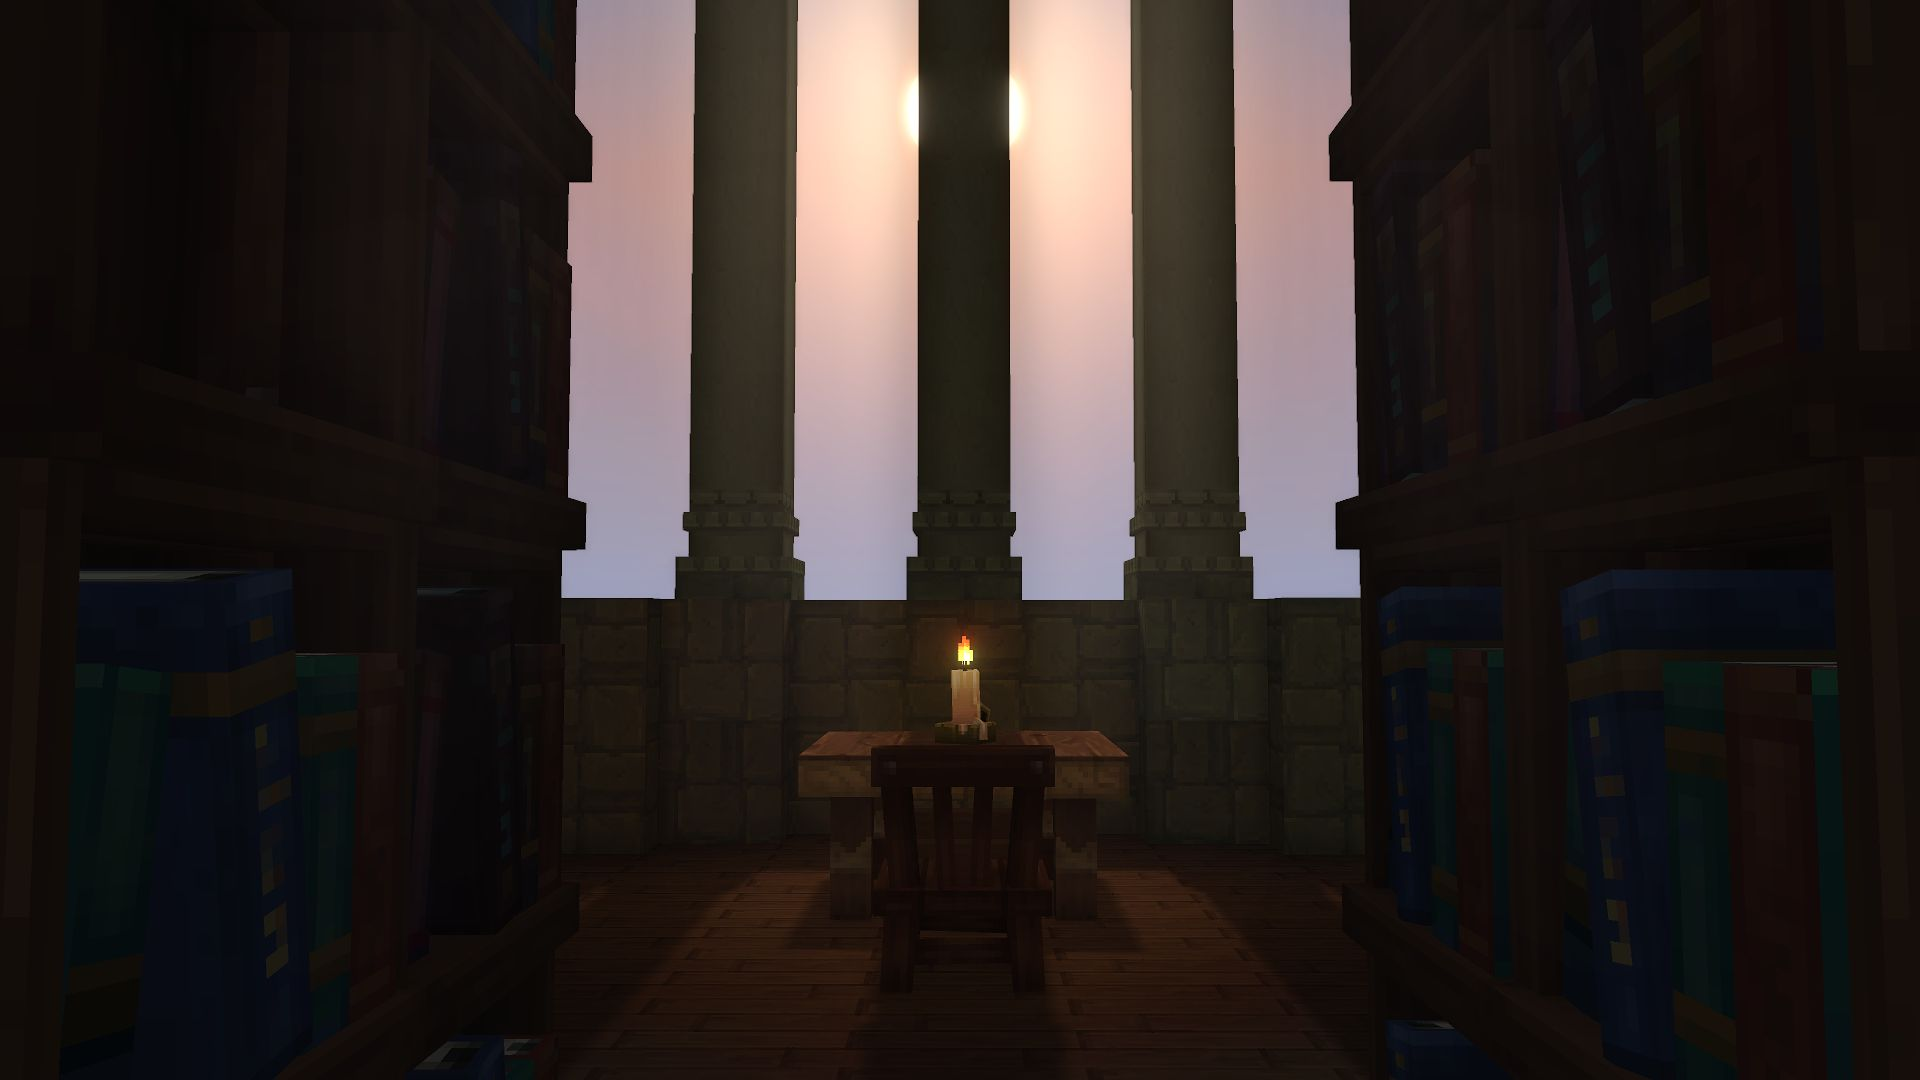 ambiance bibliothèque intérieur lumière